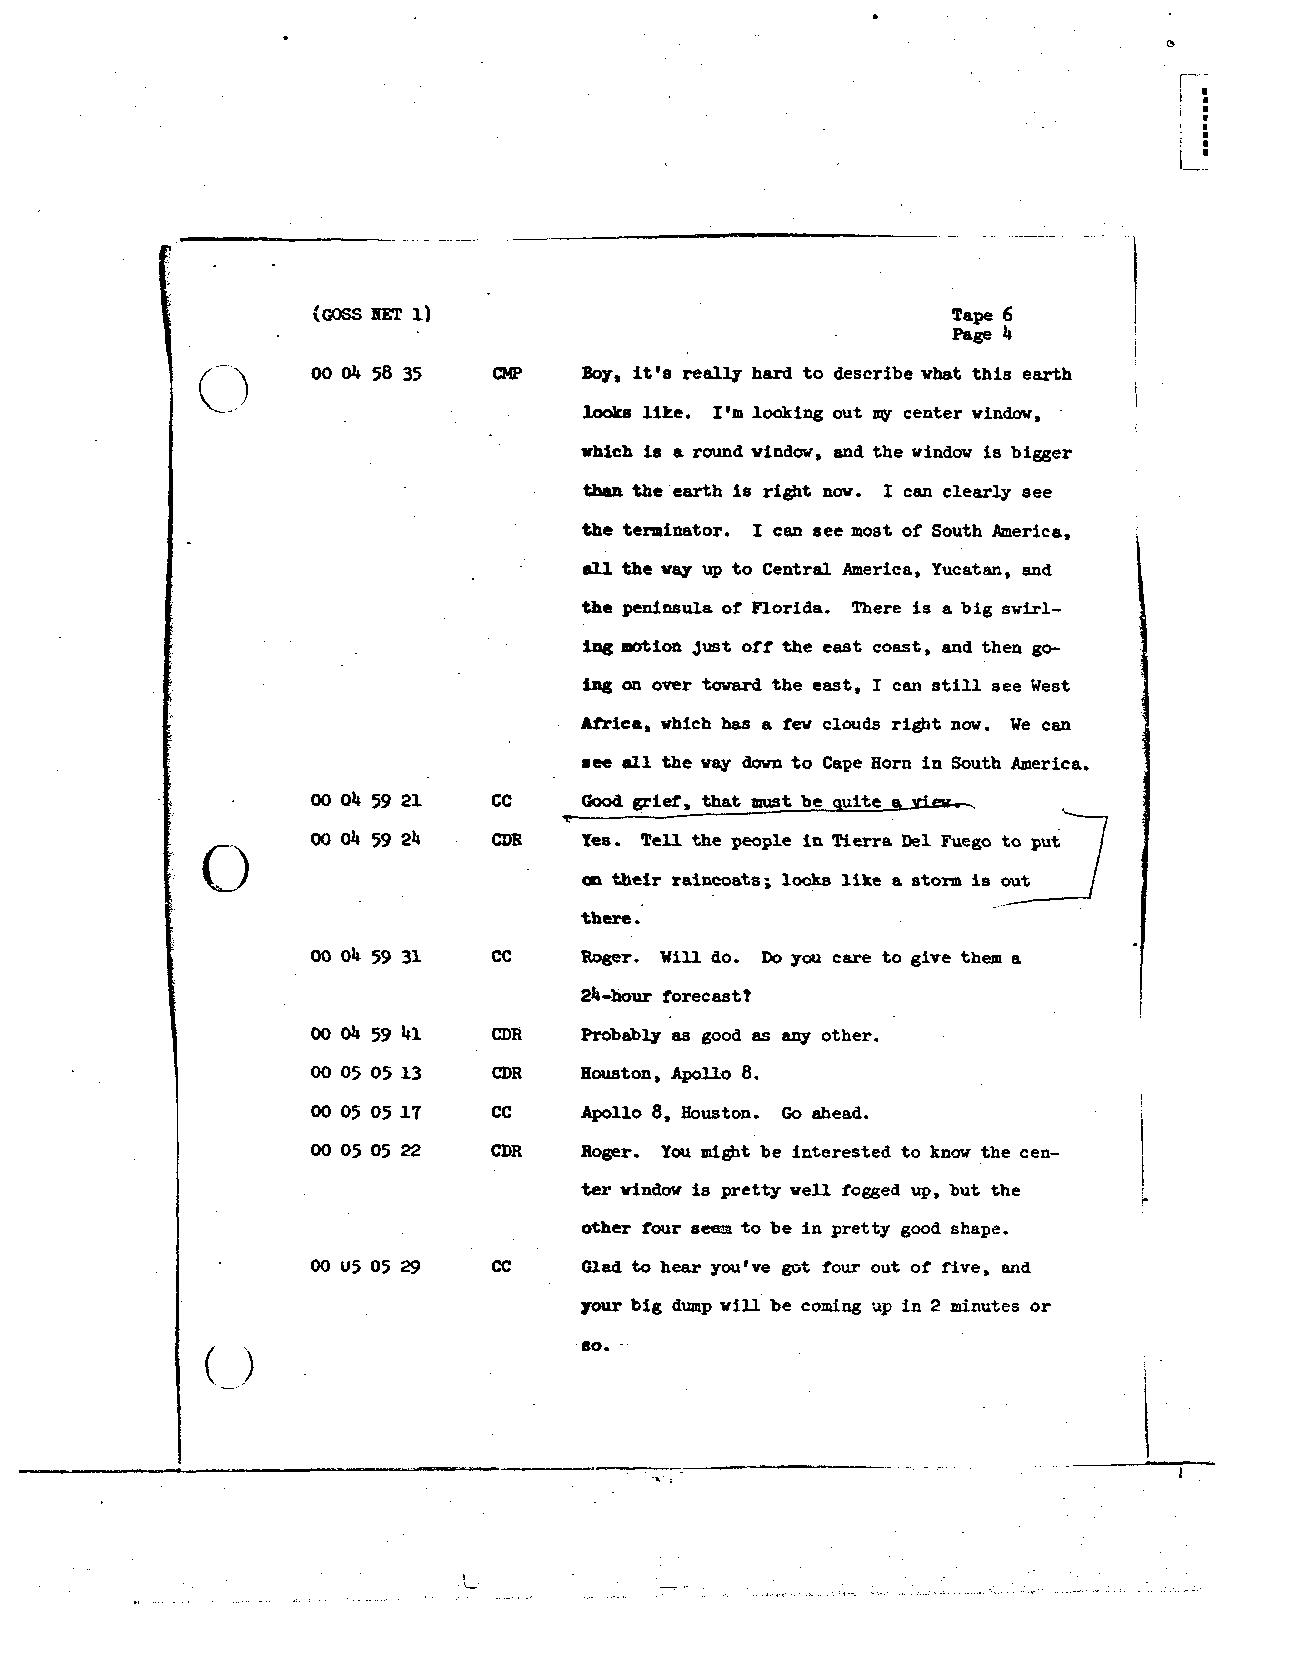 Page 50 of Apollo 8's original transcript